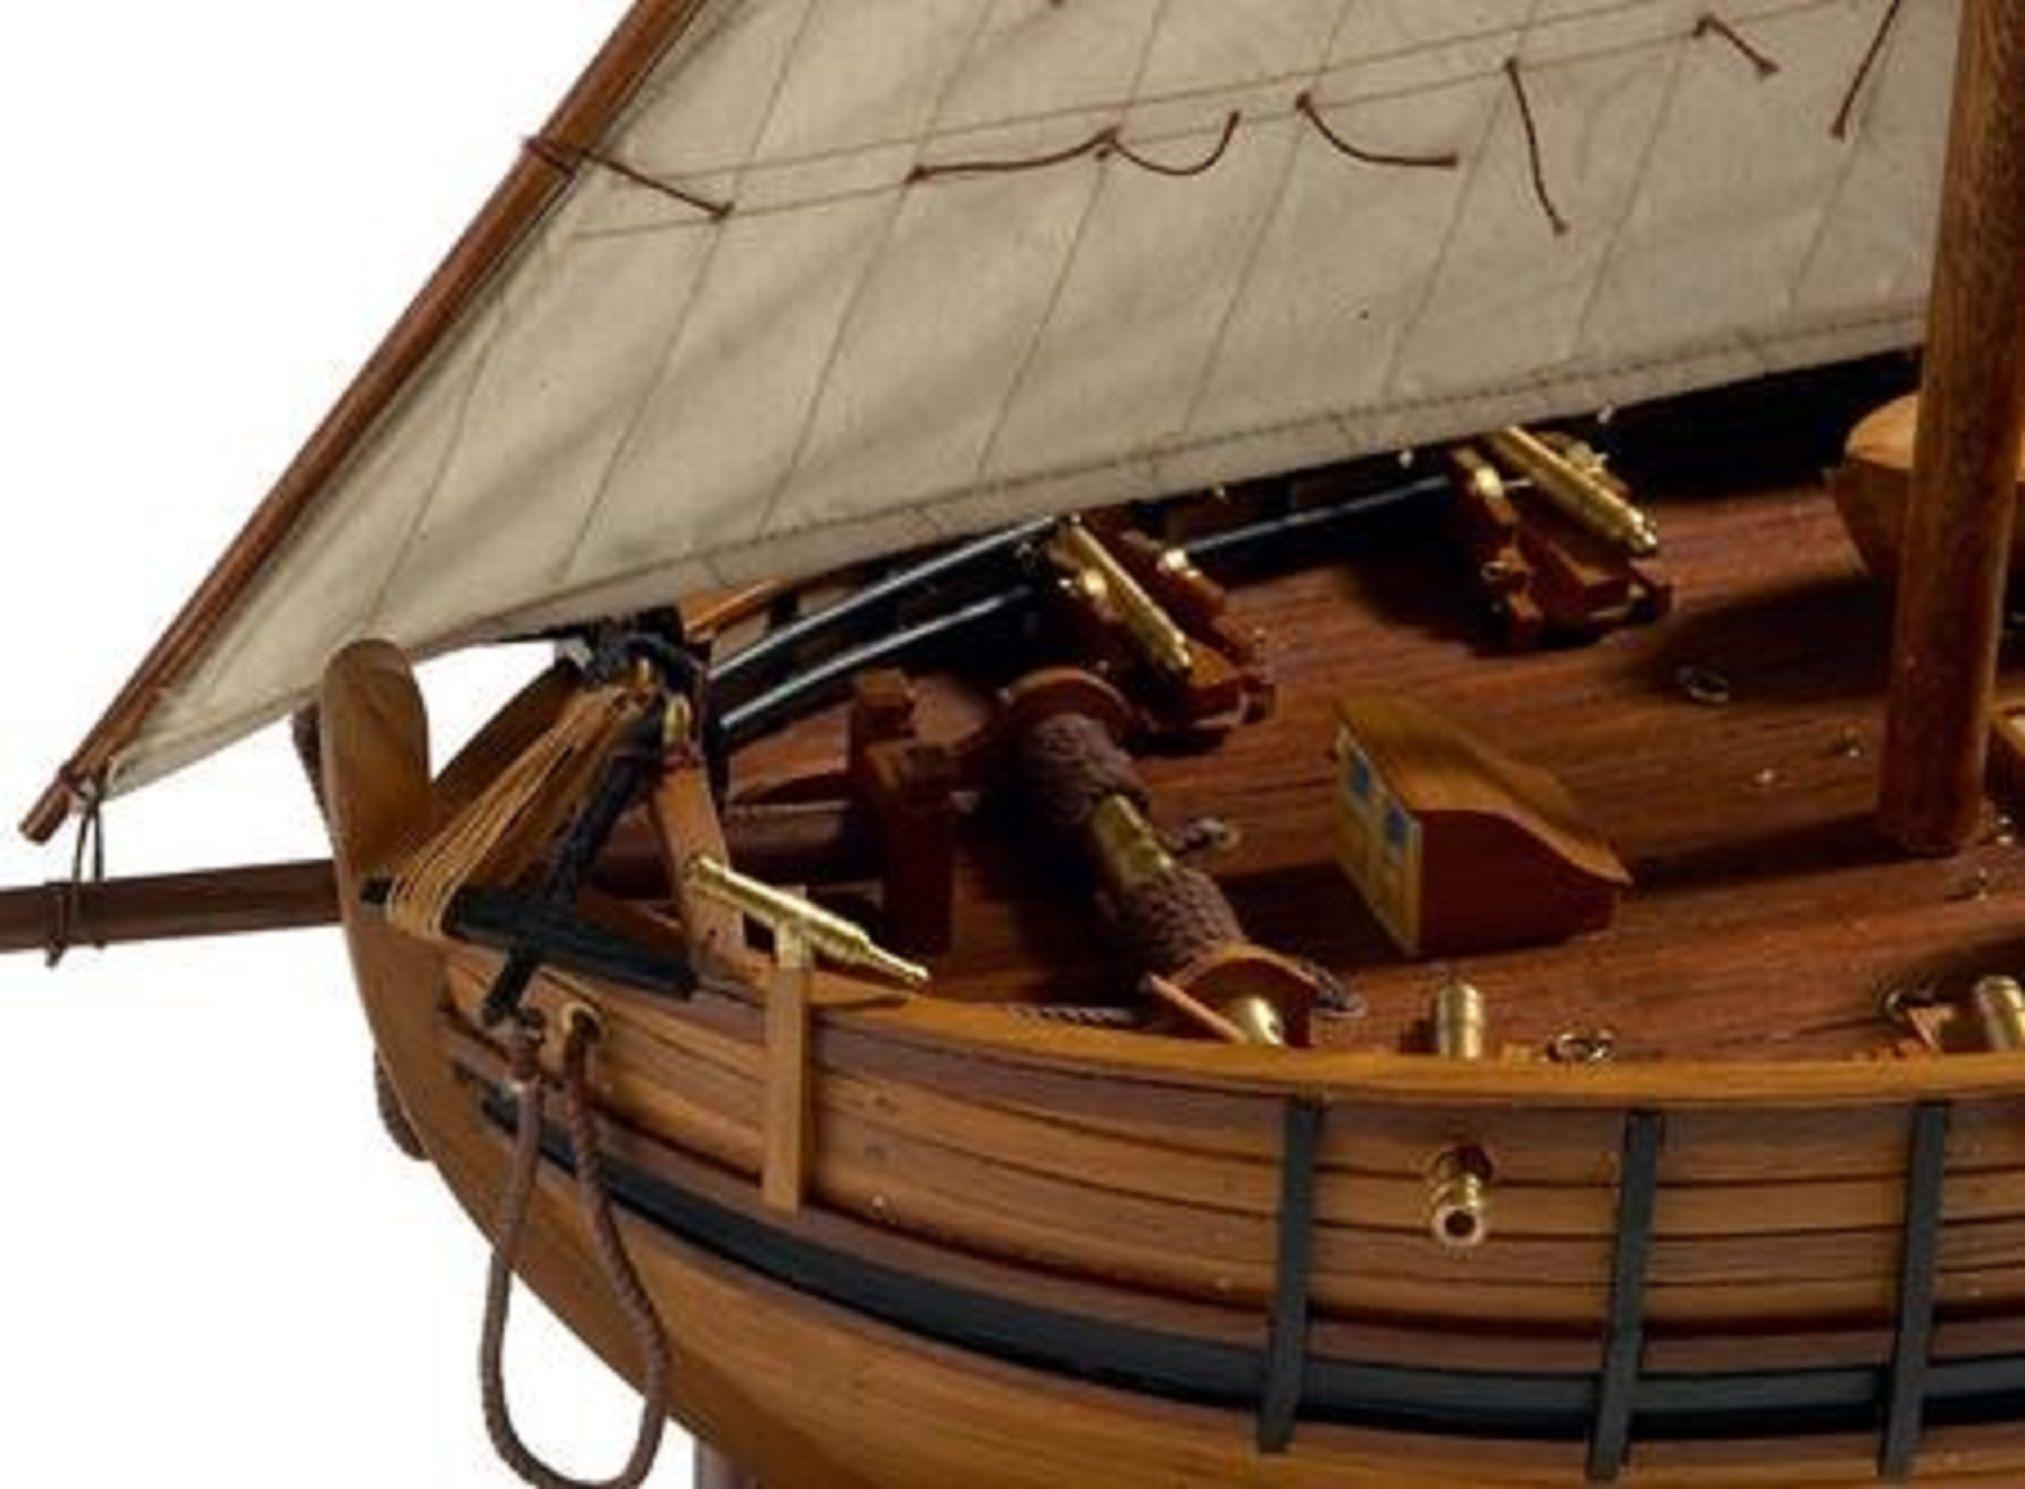 217-7201-Caravel-model-ship-Premier